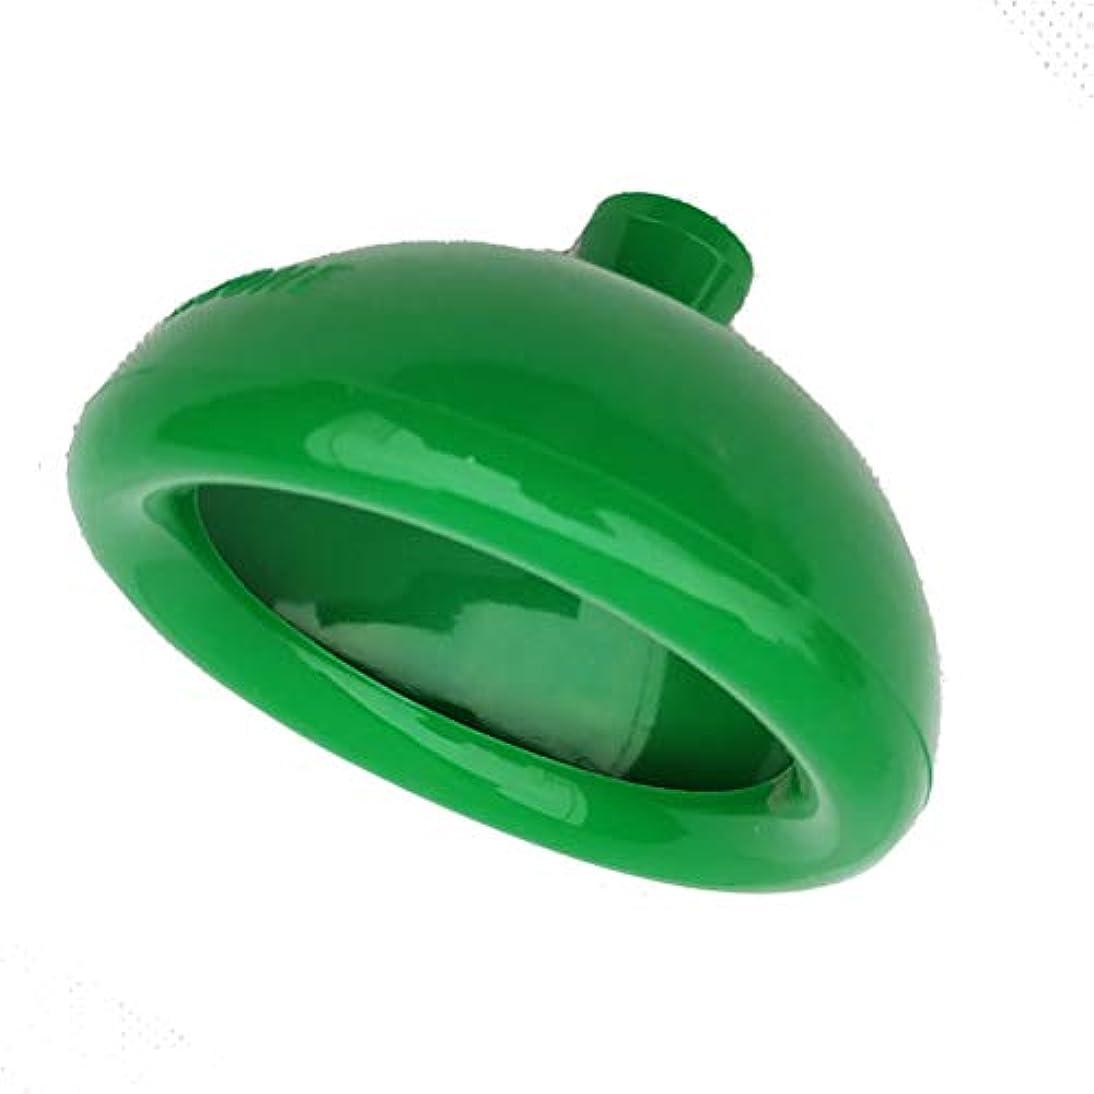 ステープル航空ライナー子供シリコーン高齢者のためのシリコーンゲル圧力ドラムマッサージ痰カップ痰げっぷダイジェストヘルパー